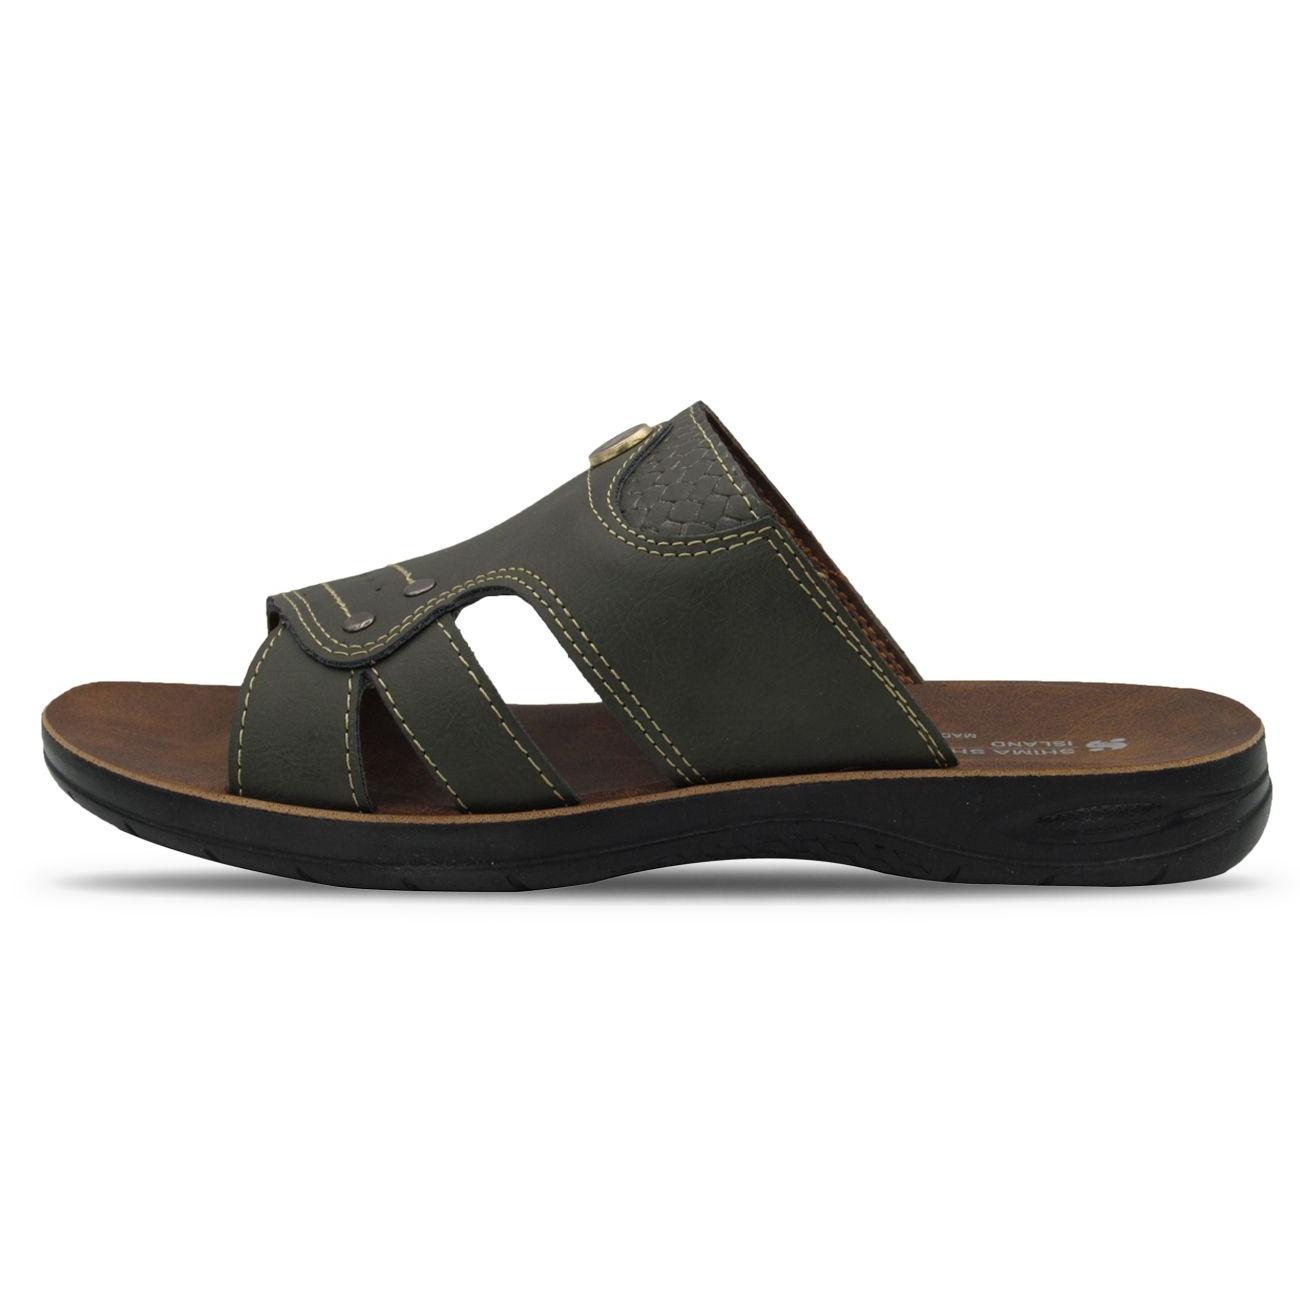 قیمت خرید صندل مردانه کفش شیما مدل ایسلند 1261 اورجینال